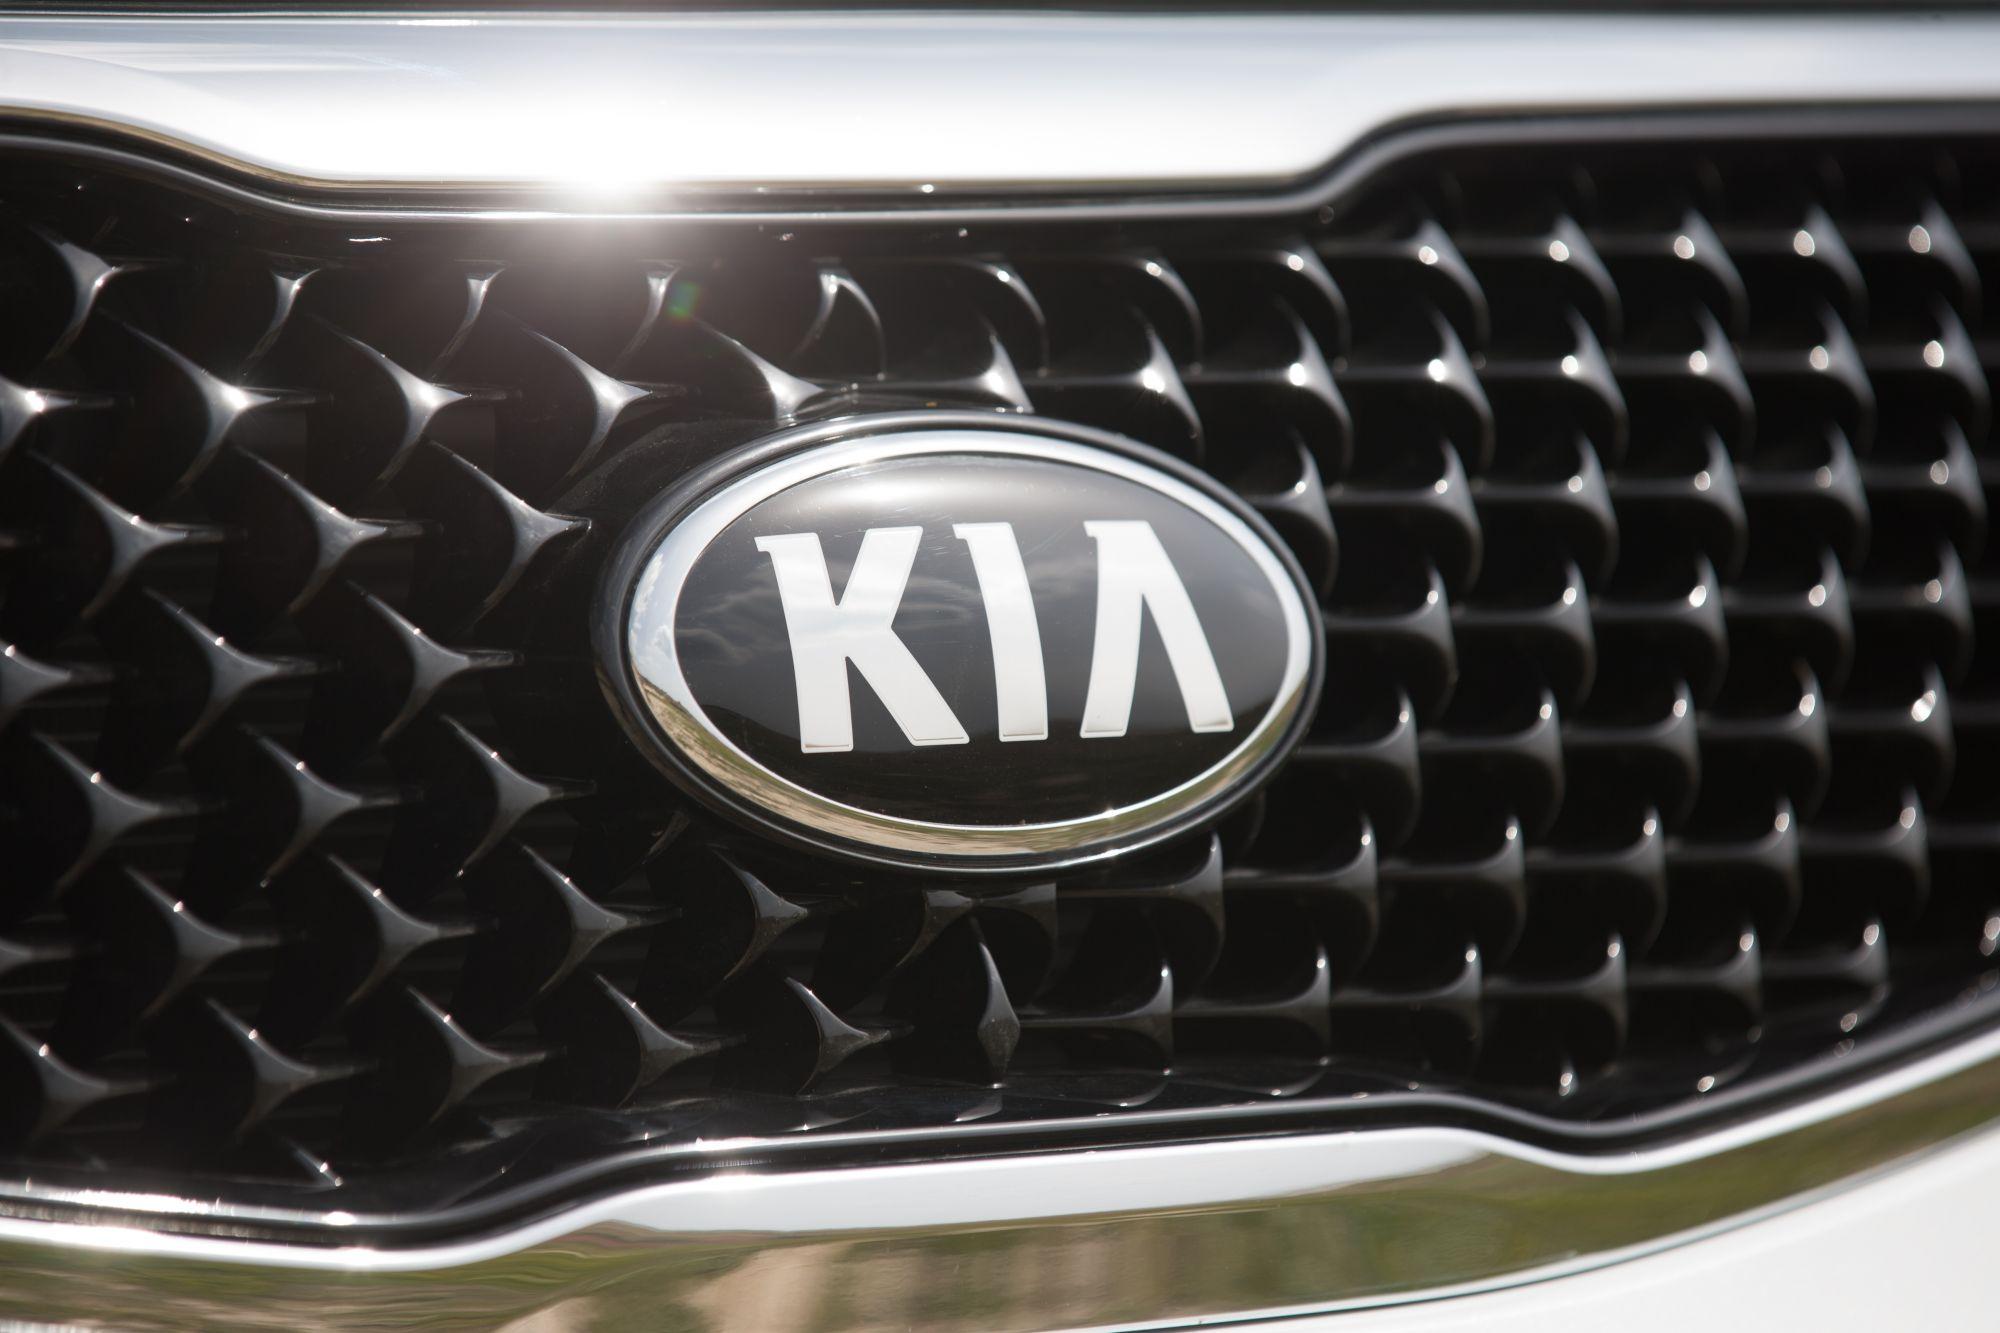 Любимая автомобильная марка украинцев стремительно теряет популярность 1